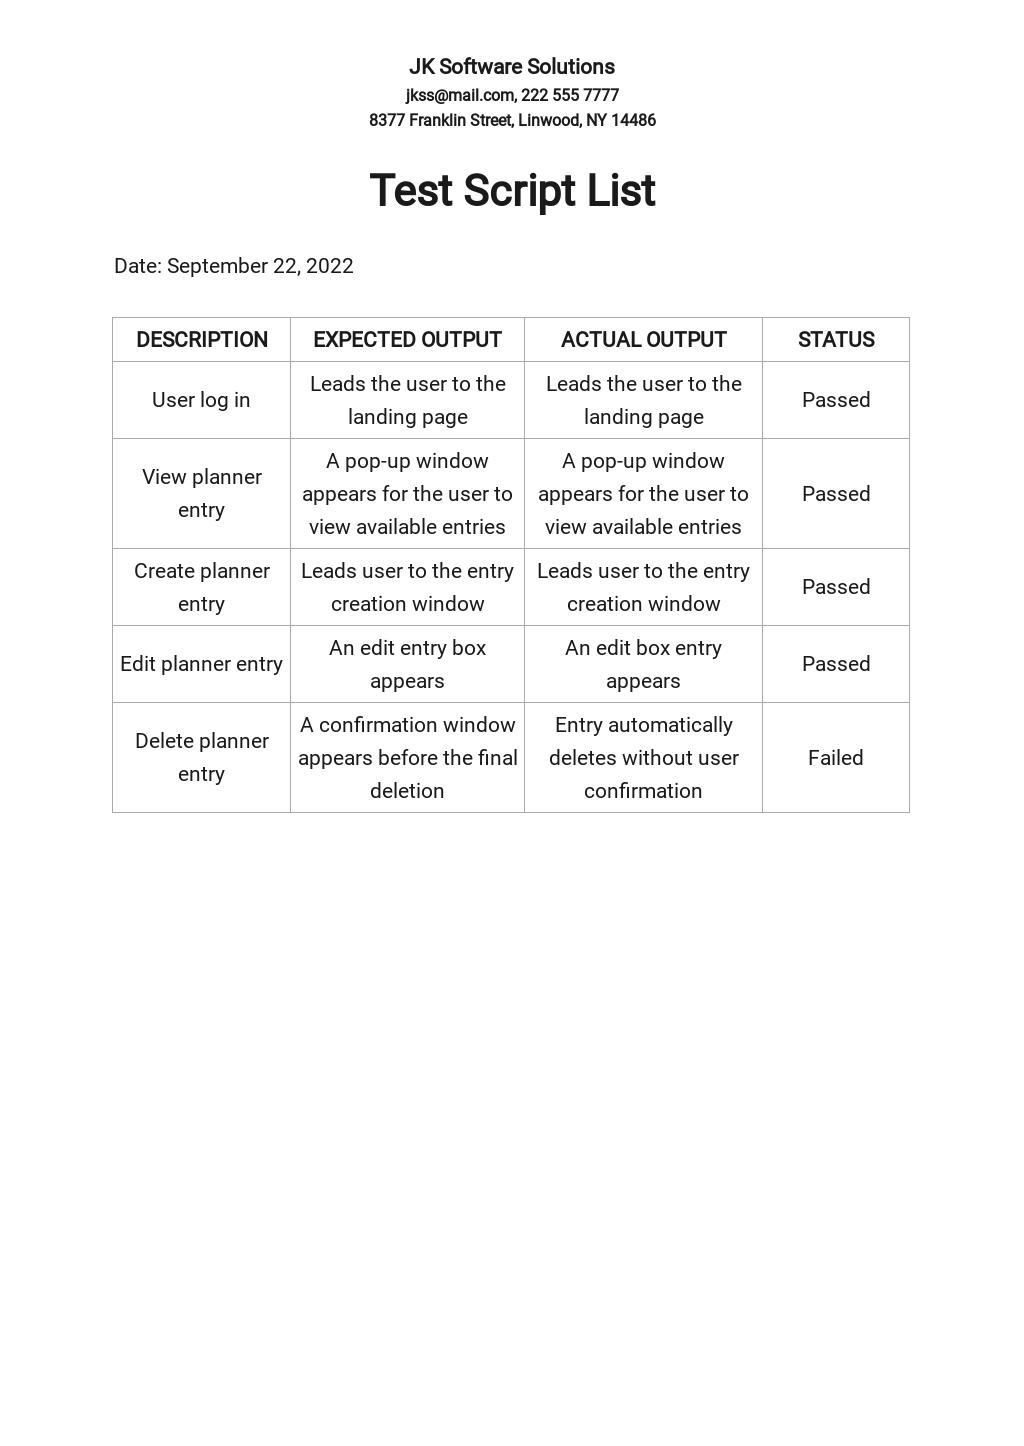 Test Script List Template